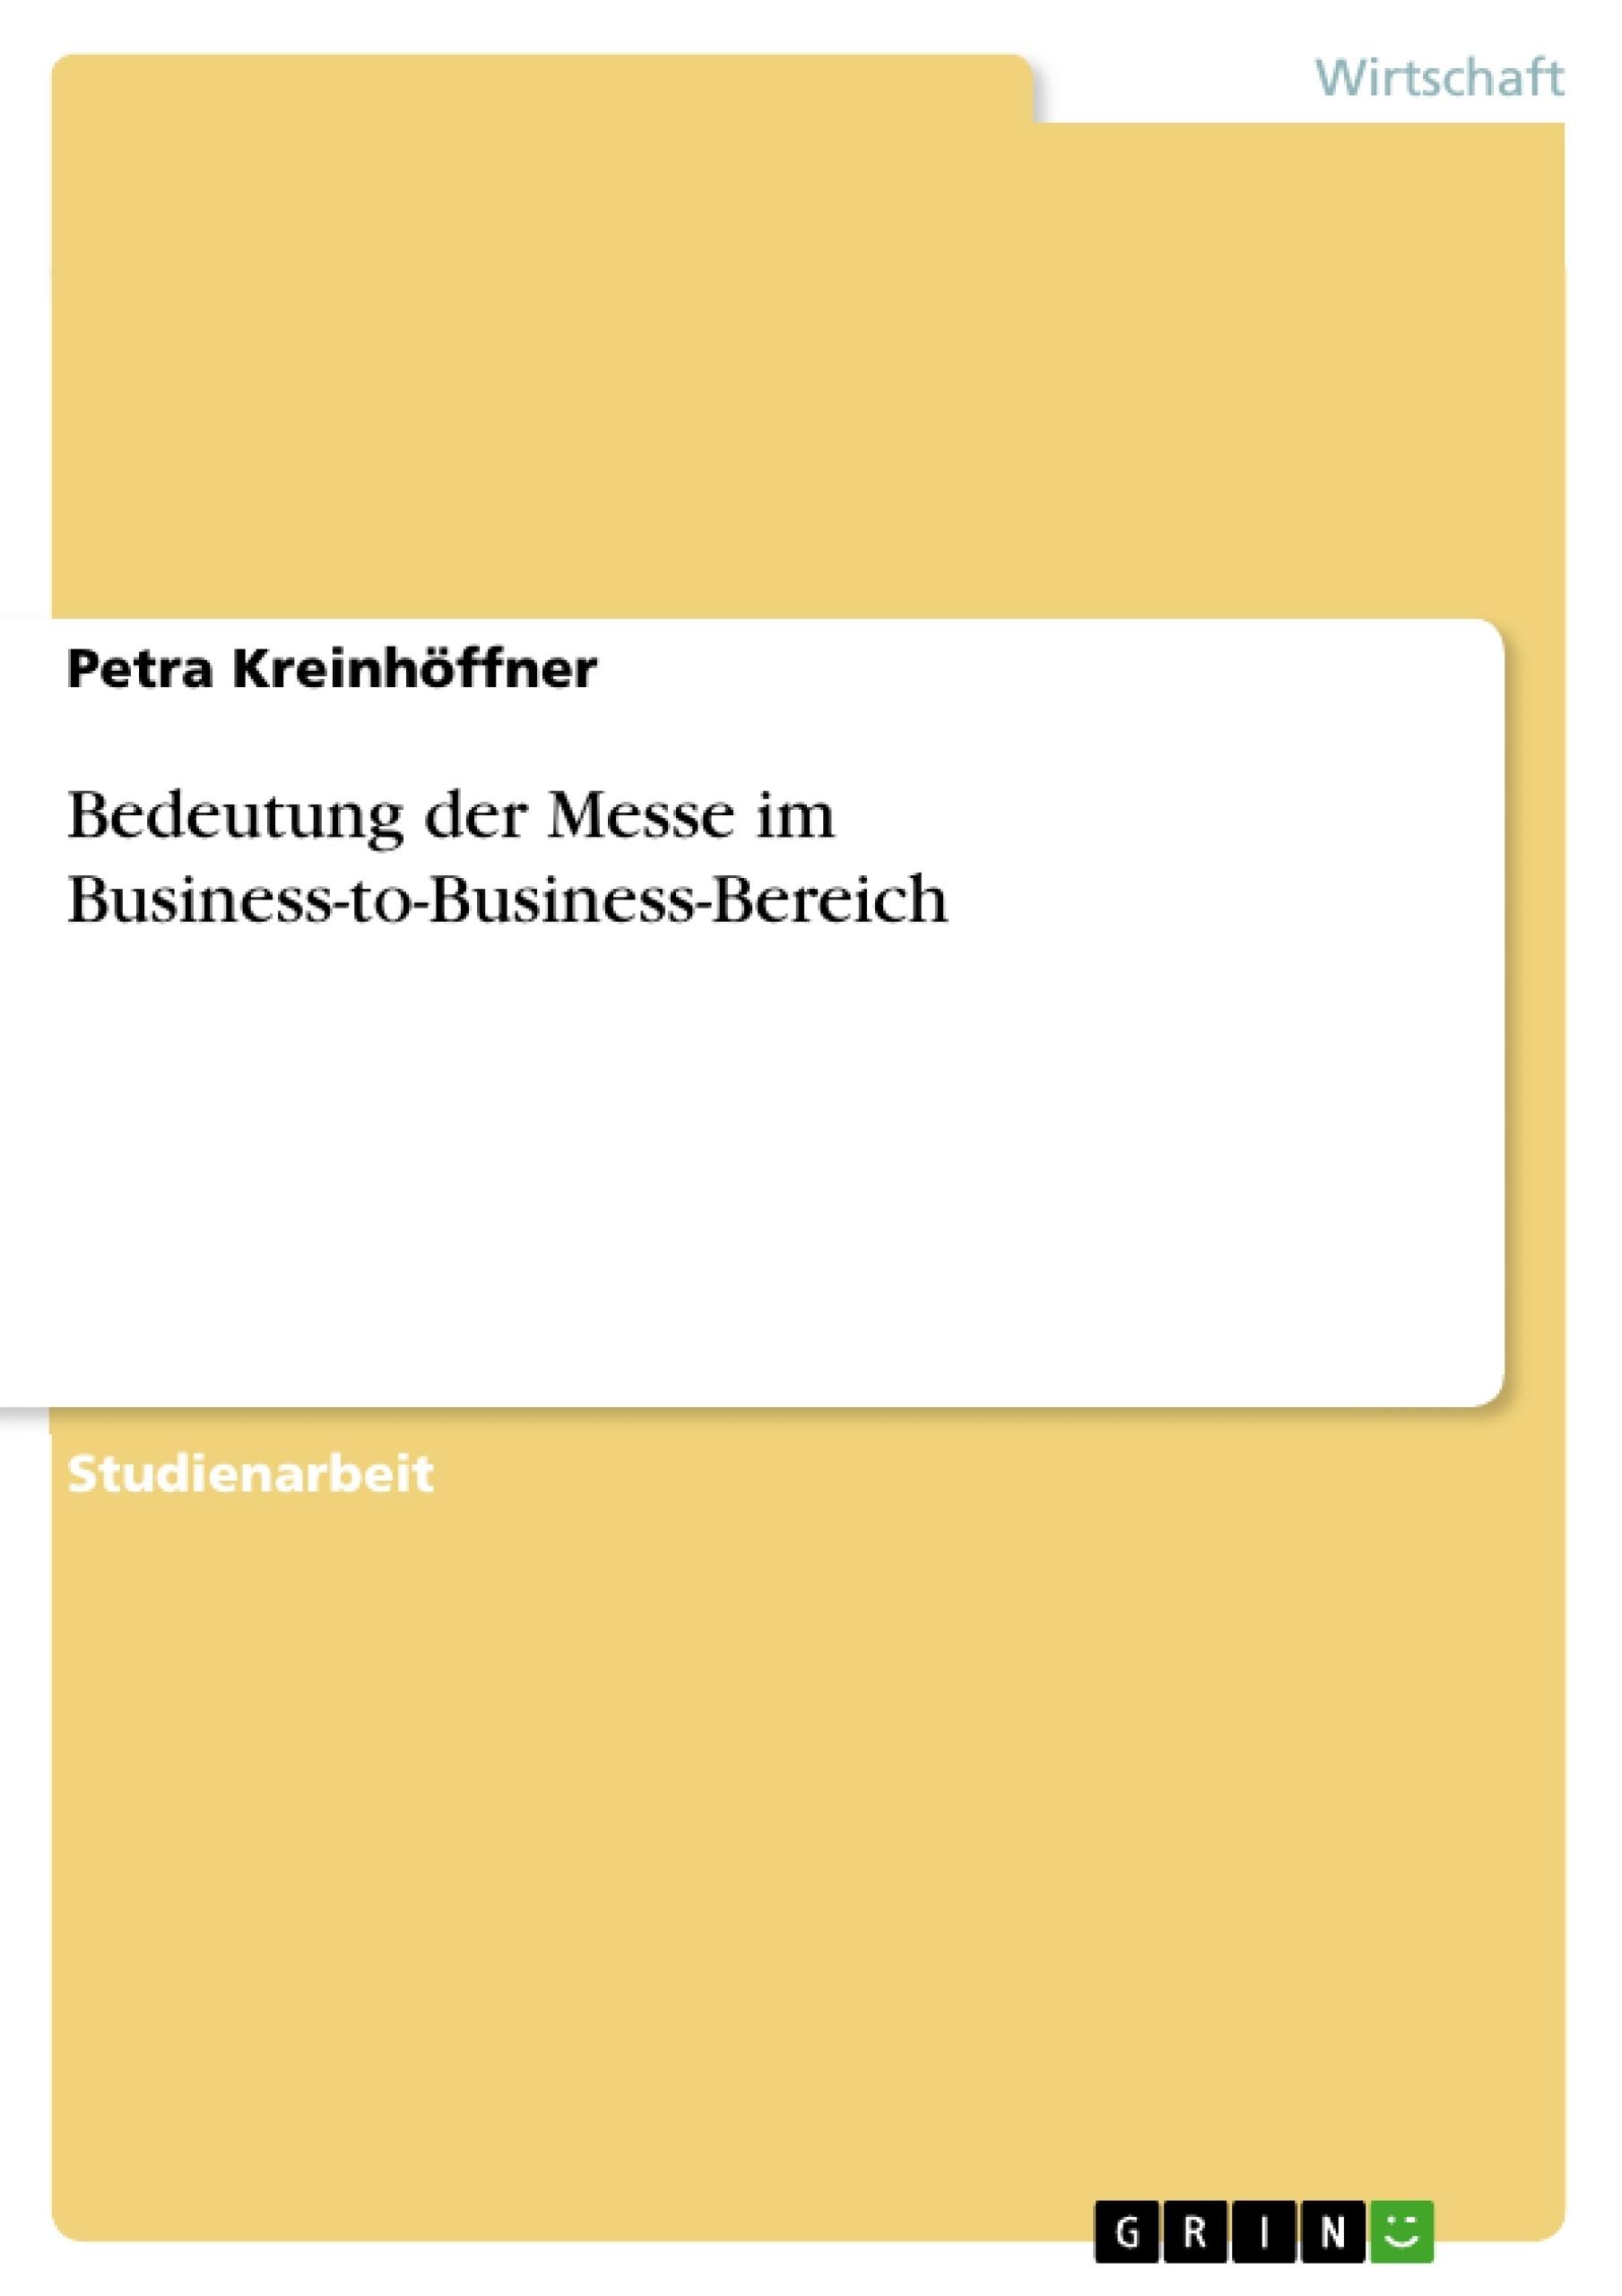 Titel: Bedeutung der Messe im Business-to-Business-Bereich